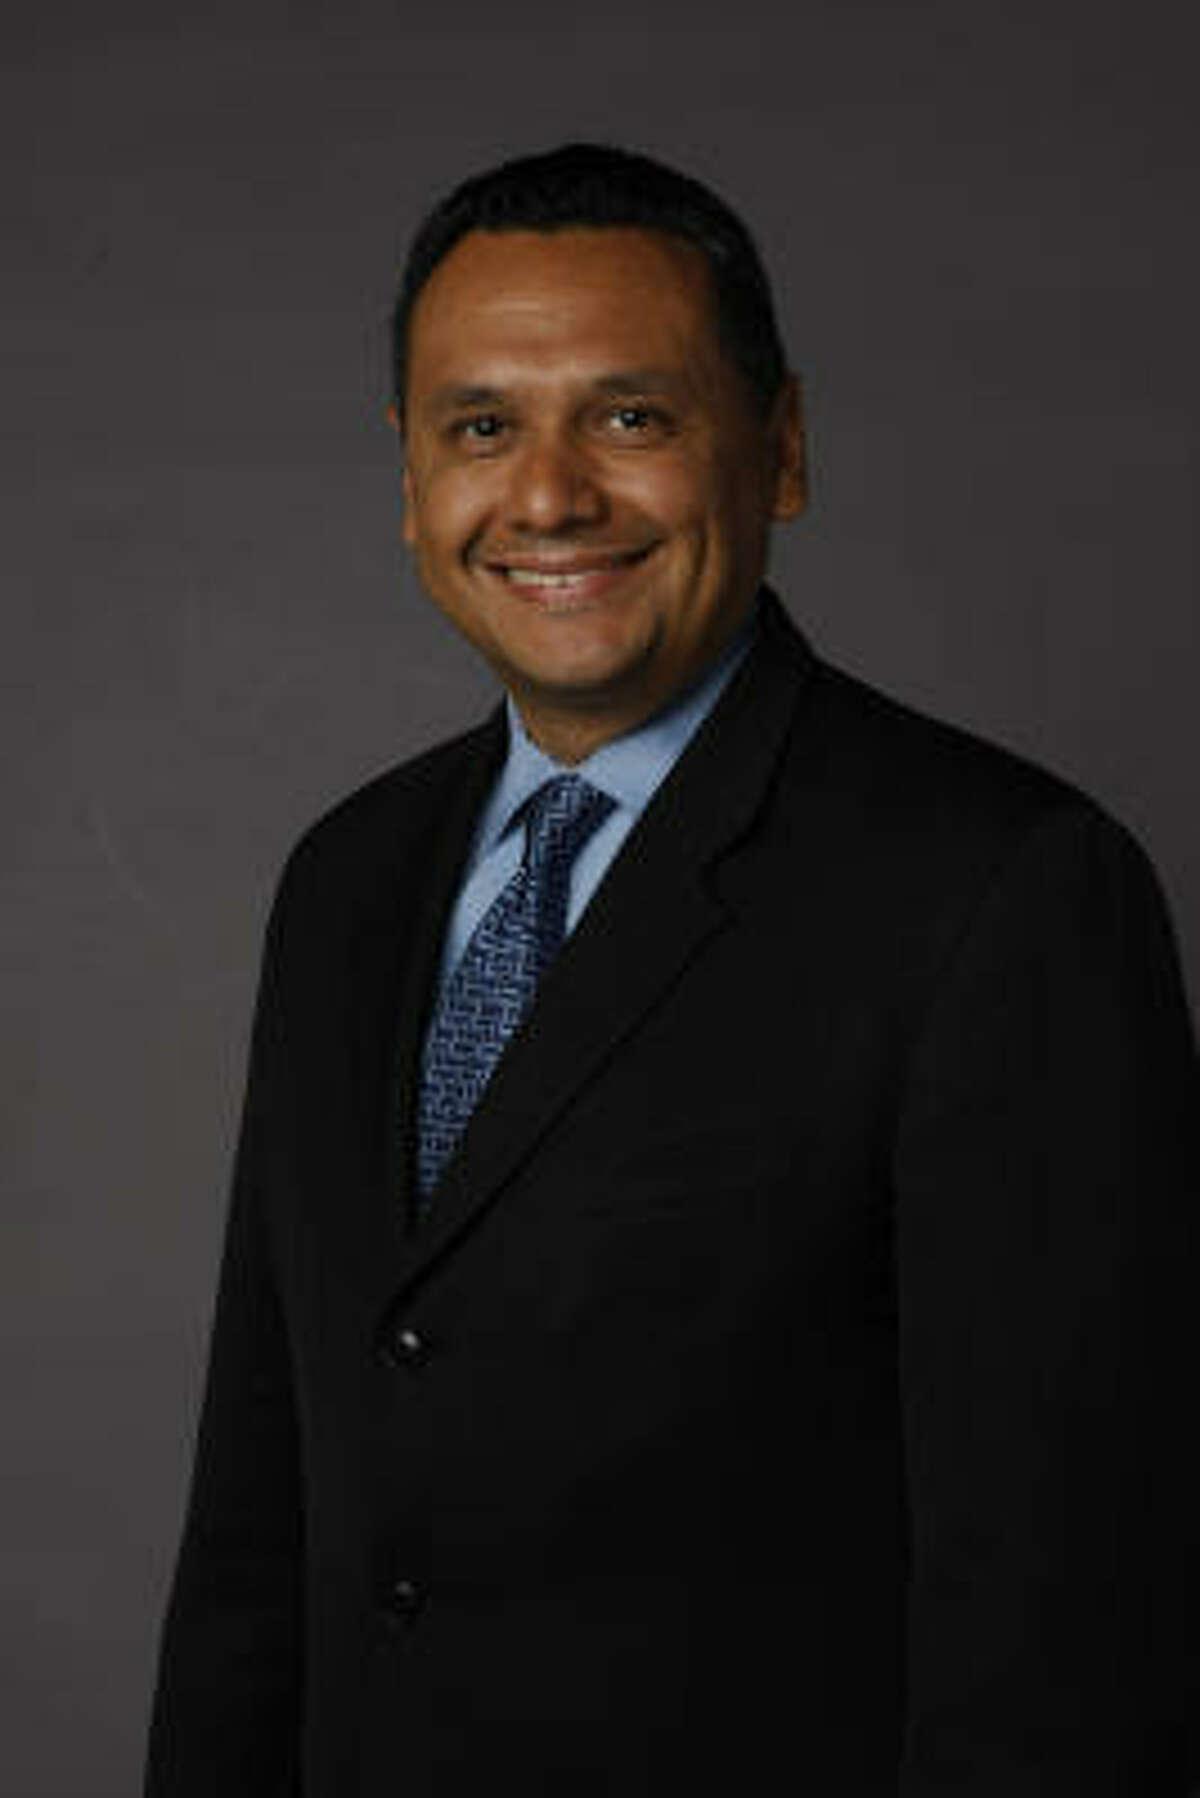 District H Houston city councilman Ed Gonzalez